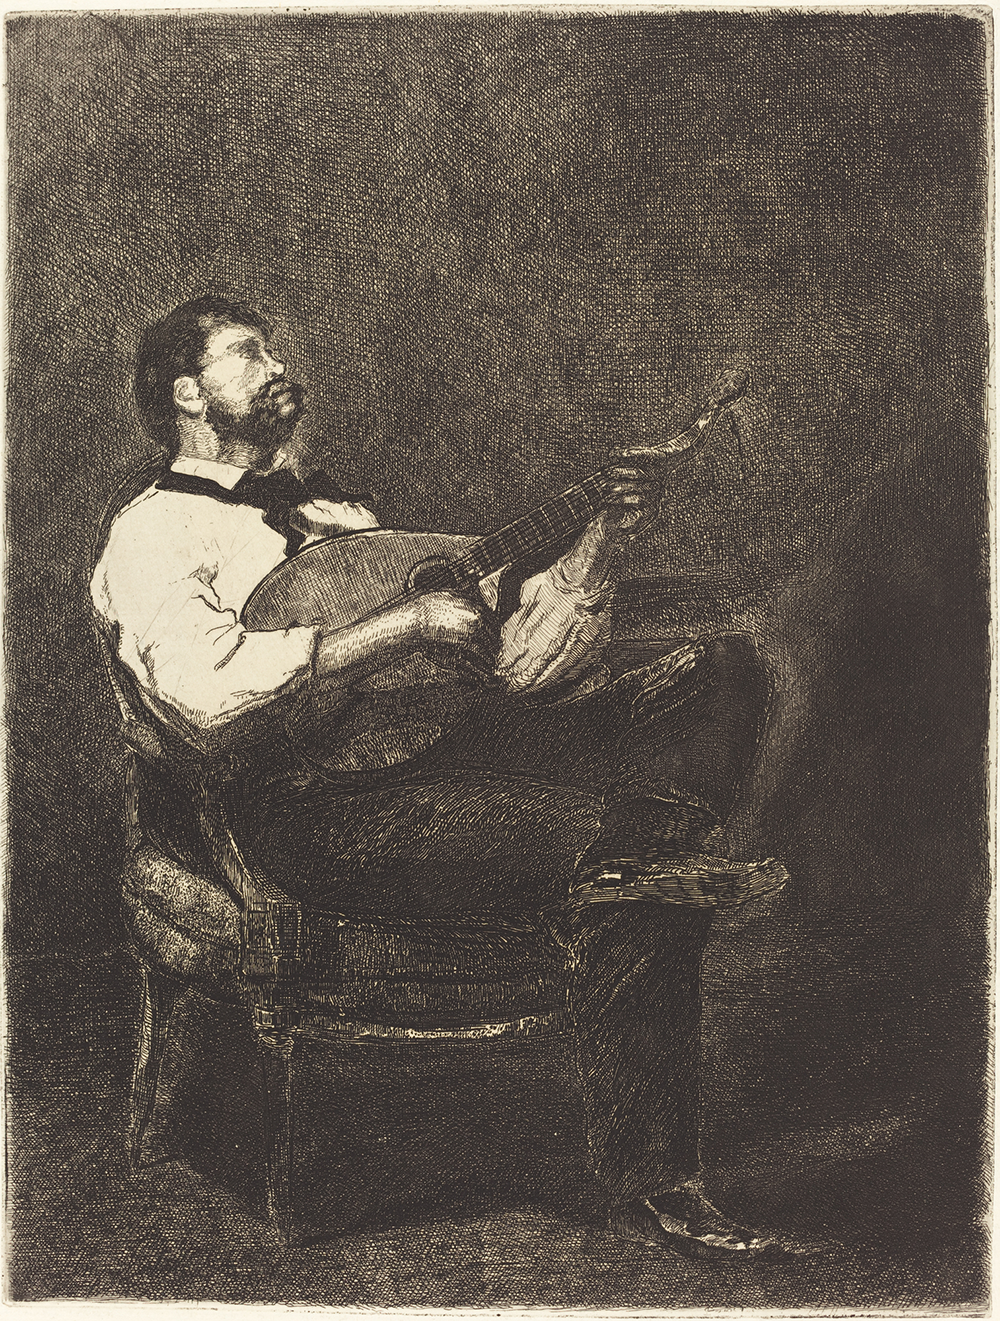 """""""Guitar Player (Joueur de Guitare),"""" by François Bonvin, 1861. National Gallery of Art, Ailsa Mellon Bruce Fund."""